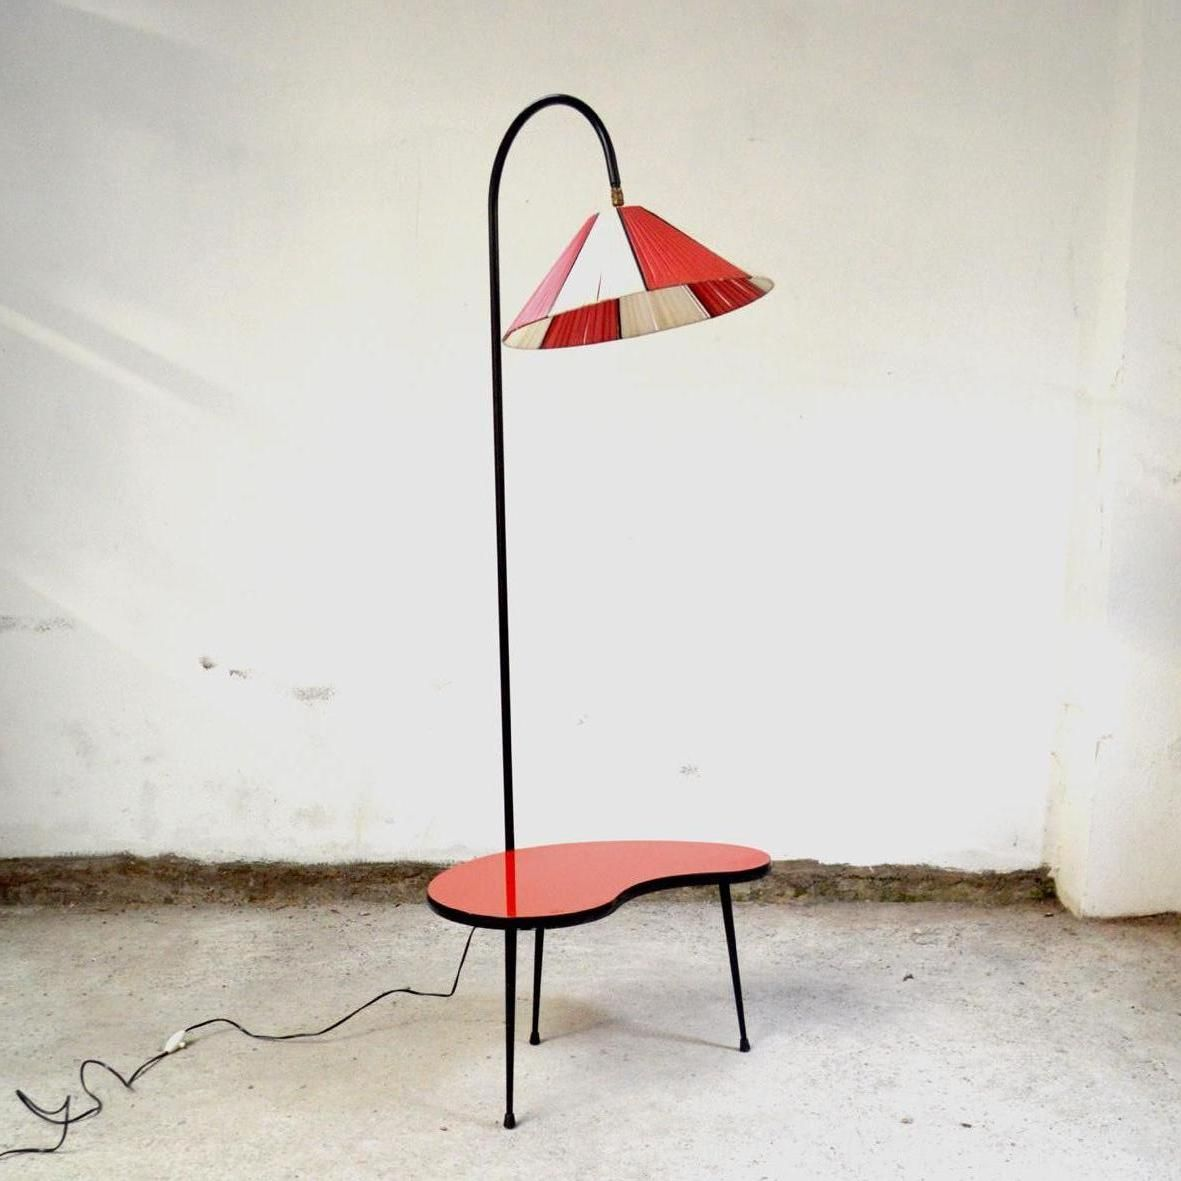 Mid century dreibein stehlampe mit tischchen bei pamono kaufen for Stehlampe mit kristallen